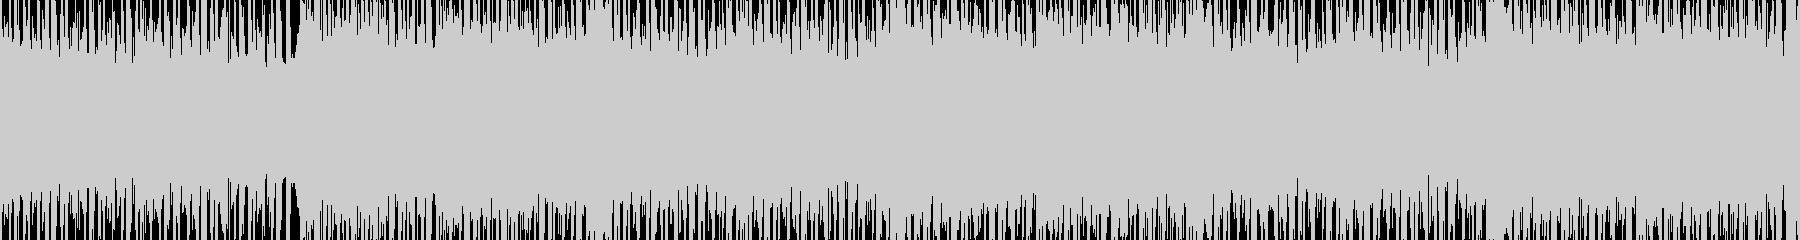 ノスタルジックなチルウェーヴ風BGMの未再生の波形